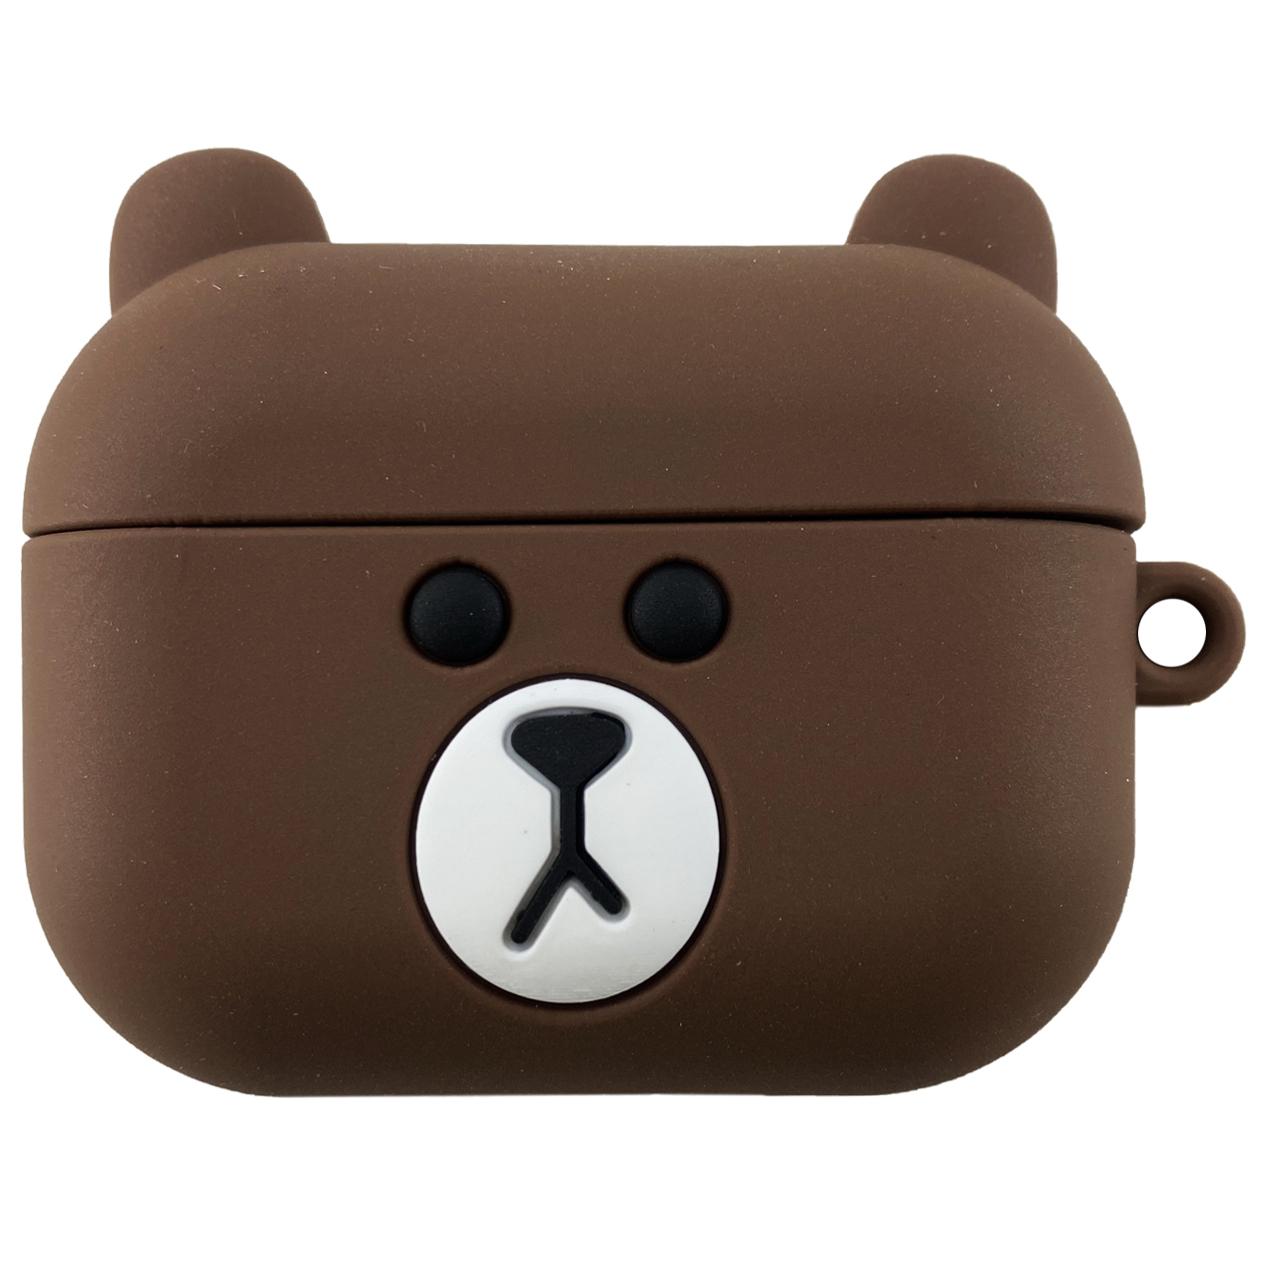 بررسی و {خرید با تخفیف} کاور طرح خرس لاین کد 08 مناسب برای کیس اپل ایرپاد پرو اصل